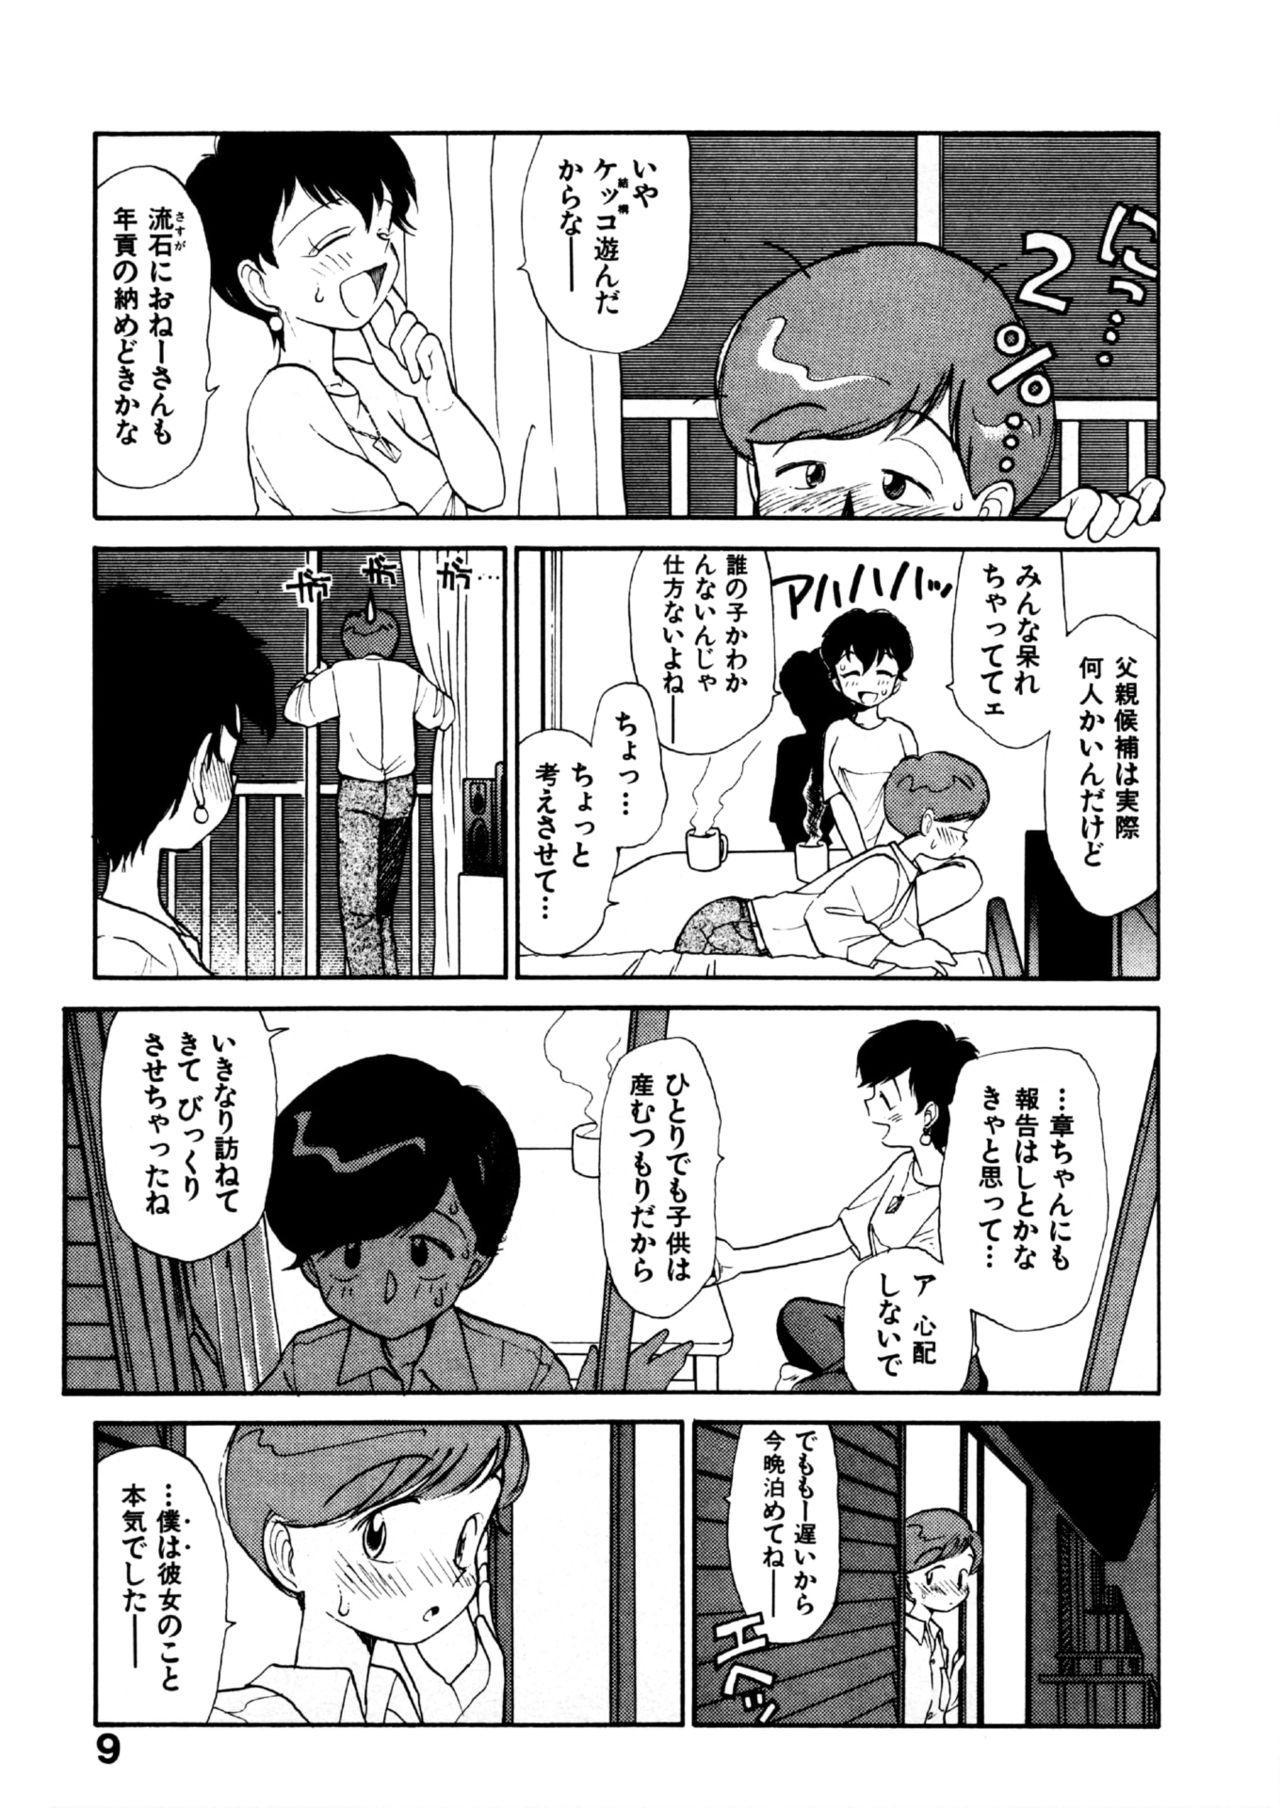 COMIC Kairakuten 25 Shuunen kinen tokubetsugou 9